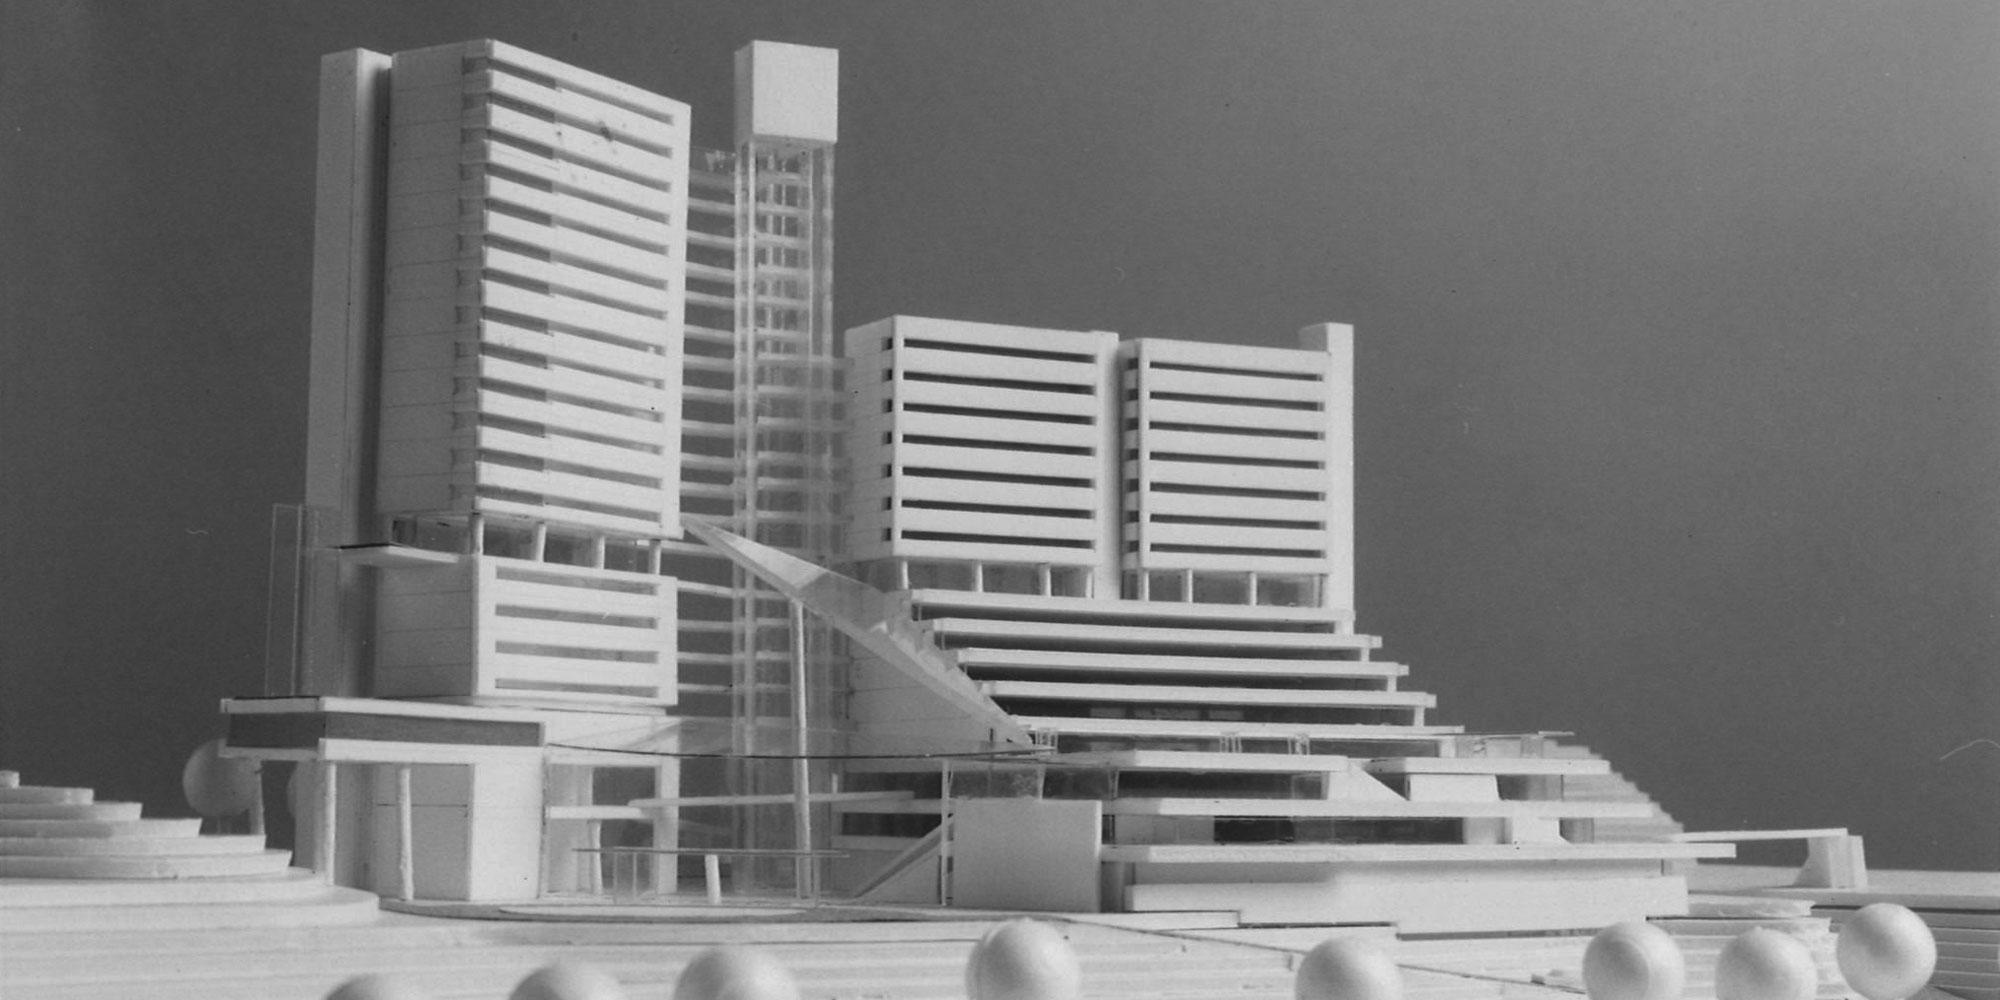 鷲羽山リゾートホテル計画案